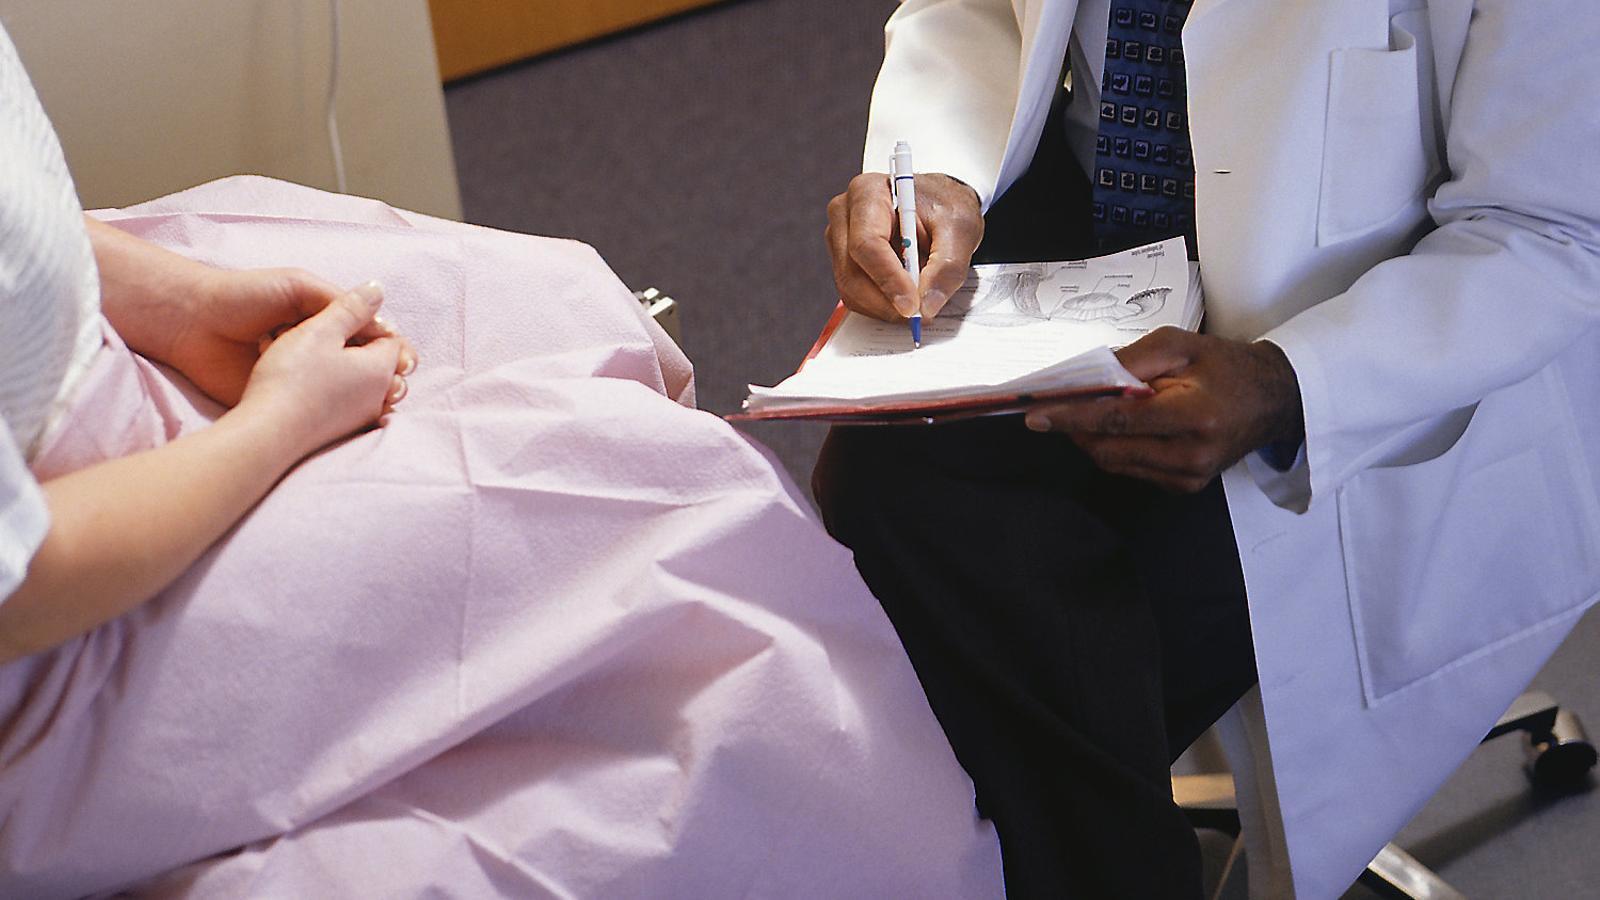 Salut impulsa un nou model per avançar el diagnòstic de l'endometriosi